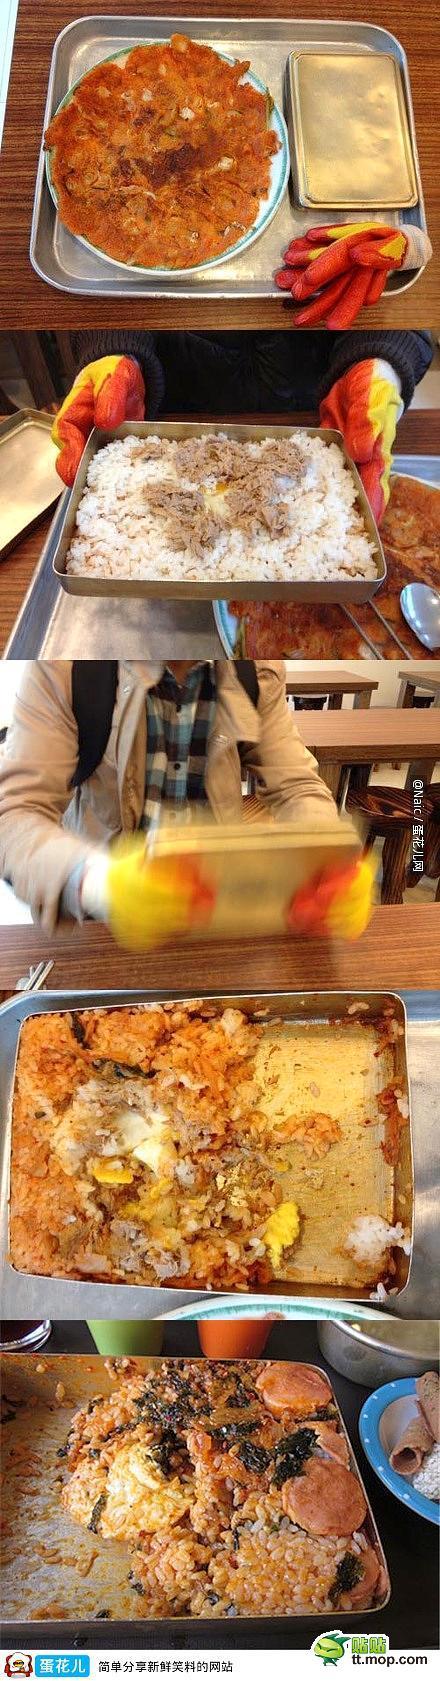 【画像】韓国の昼食wwwwwwwwwww